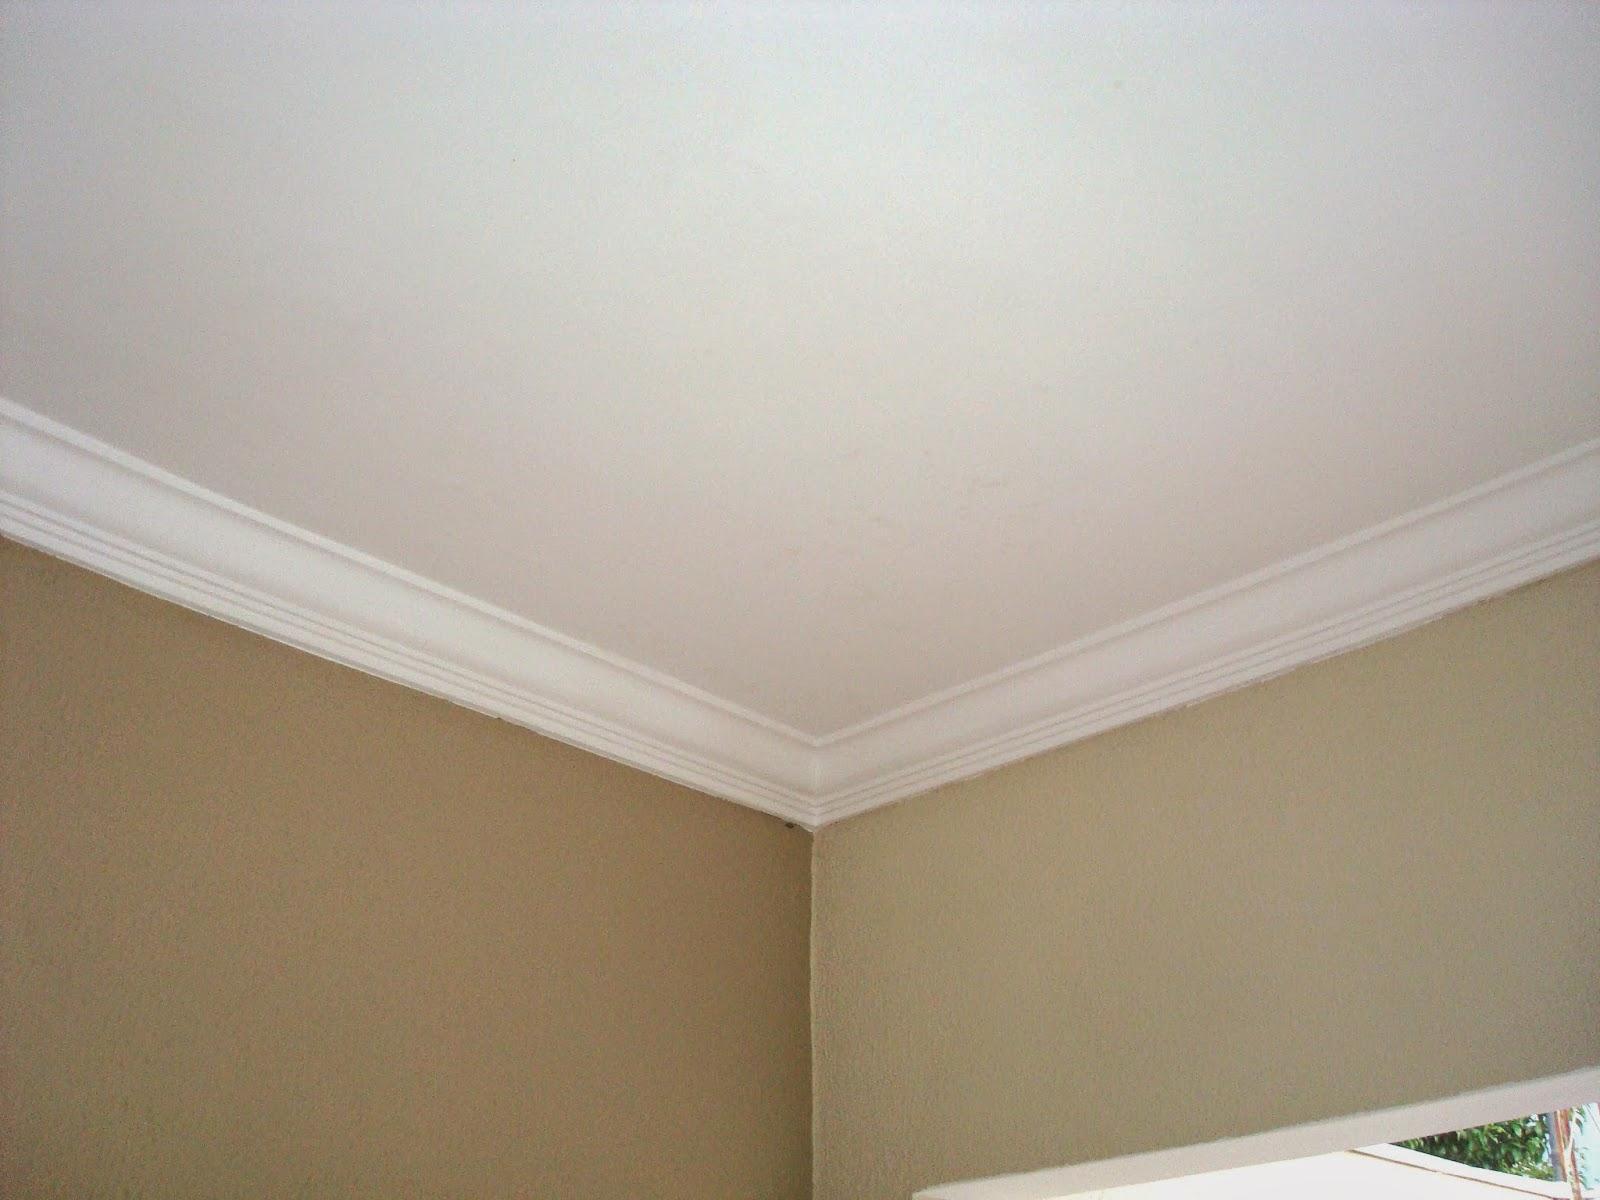 Cores de quarto areia obtenha uma cole o - Fotos para paredes ...